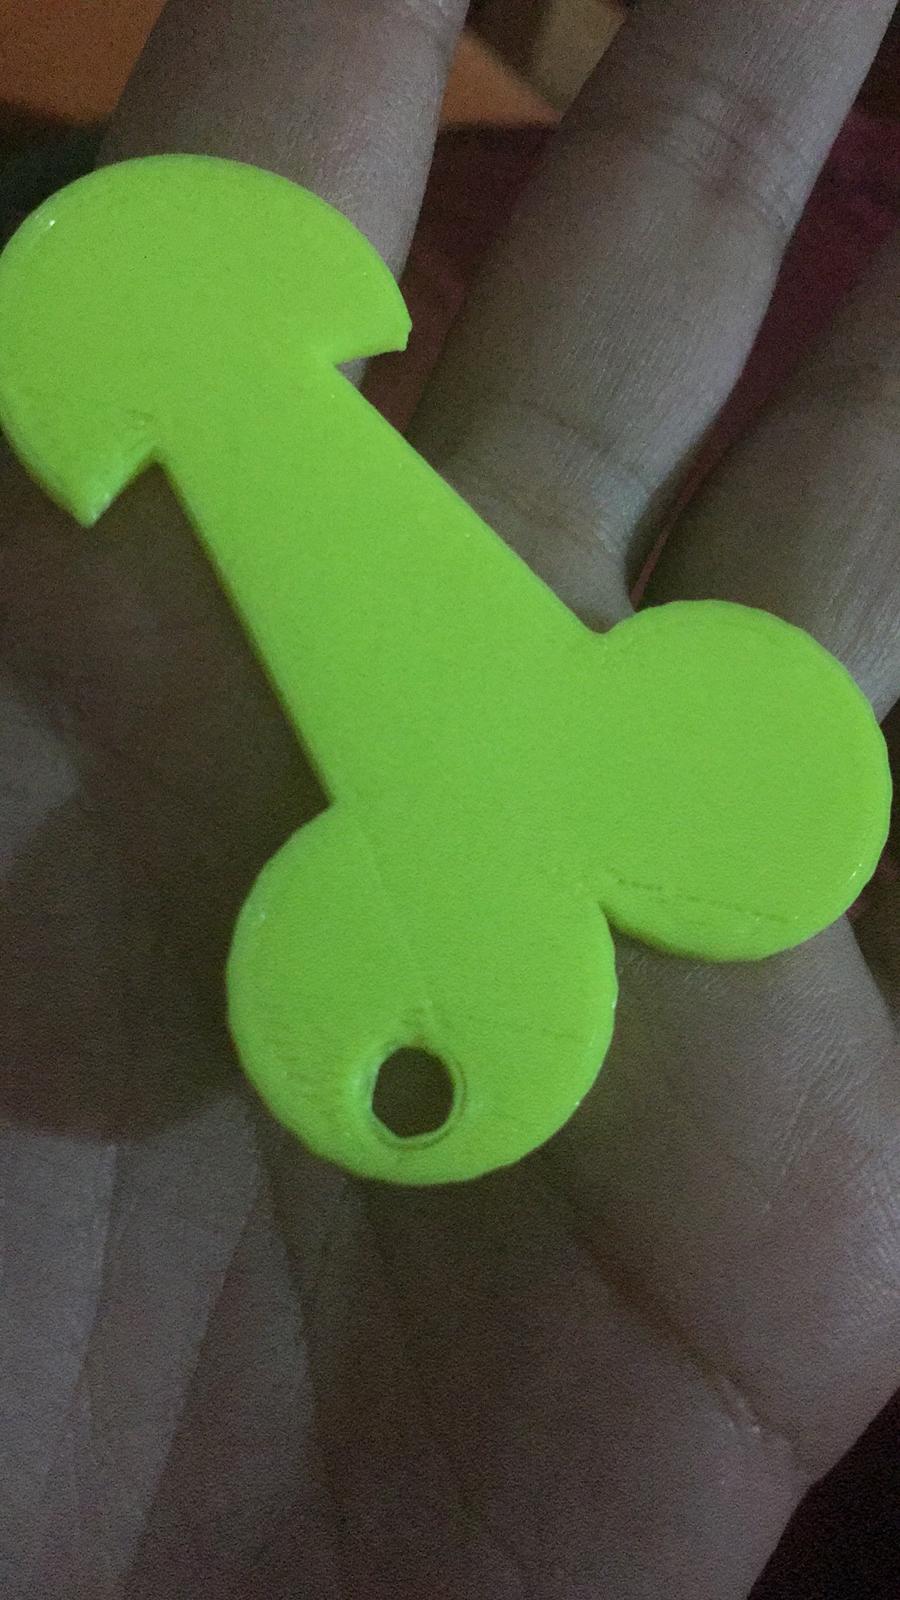 moneda.jpg Télécharger fichier STL gratuit Monnaie panier • Design imprimable en 3D, Rra